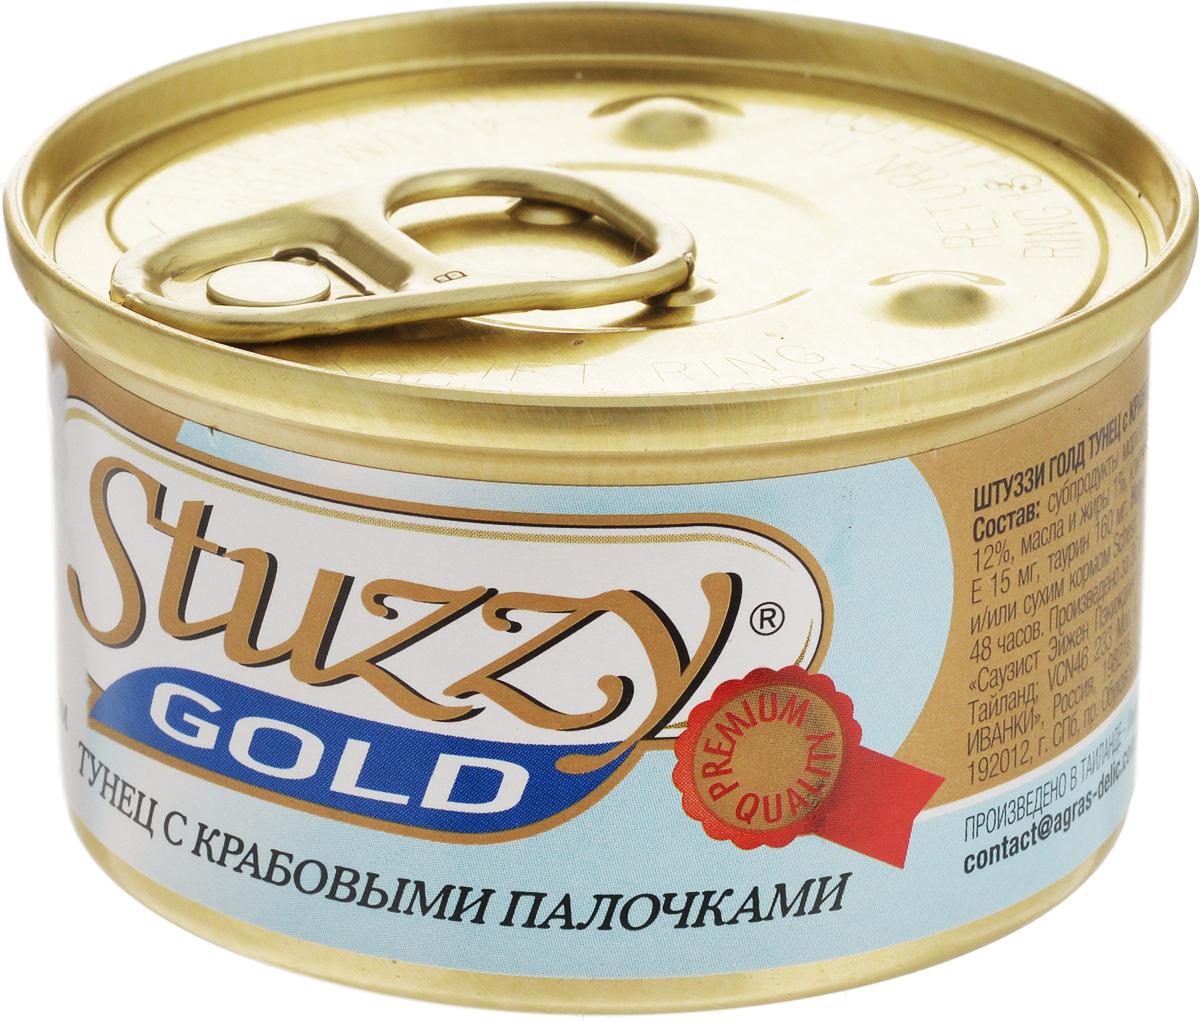 Консервы для взрослых кошек Stuzzy Gold, тунец с крабовыми палочками в собственном соку, 85 г132.C403Консервы для кошек Stuzzy Gold - это дополнительный рацион для взрослых кошек. Корм обогащен таурином и витамином Е для поддержания правильной работы сердца и иммунной системы. Инулин обеспечивает всасывание питательных веществ, а биотин способствуют великолепному внешнему виду кожи и шерсти. Корм приготовлен на пару, не содержит красителей и консервантов.Состав: субпродукты морепродуктов (тунец 50,2%, крабовые палочки 4%), рис 2,2%.Питательная ценность: белки 12%, масла и жиры 1%, клетчатка 1%, зола 2,5%. Влажность 80%.Питательные добавки (на кг): витамин А 1325 МЕ, витамин Е 15 мг, таурин 160 мг.Товар сертифицирован.